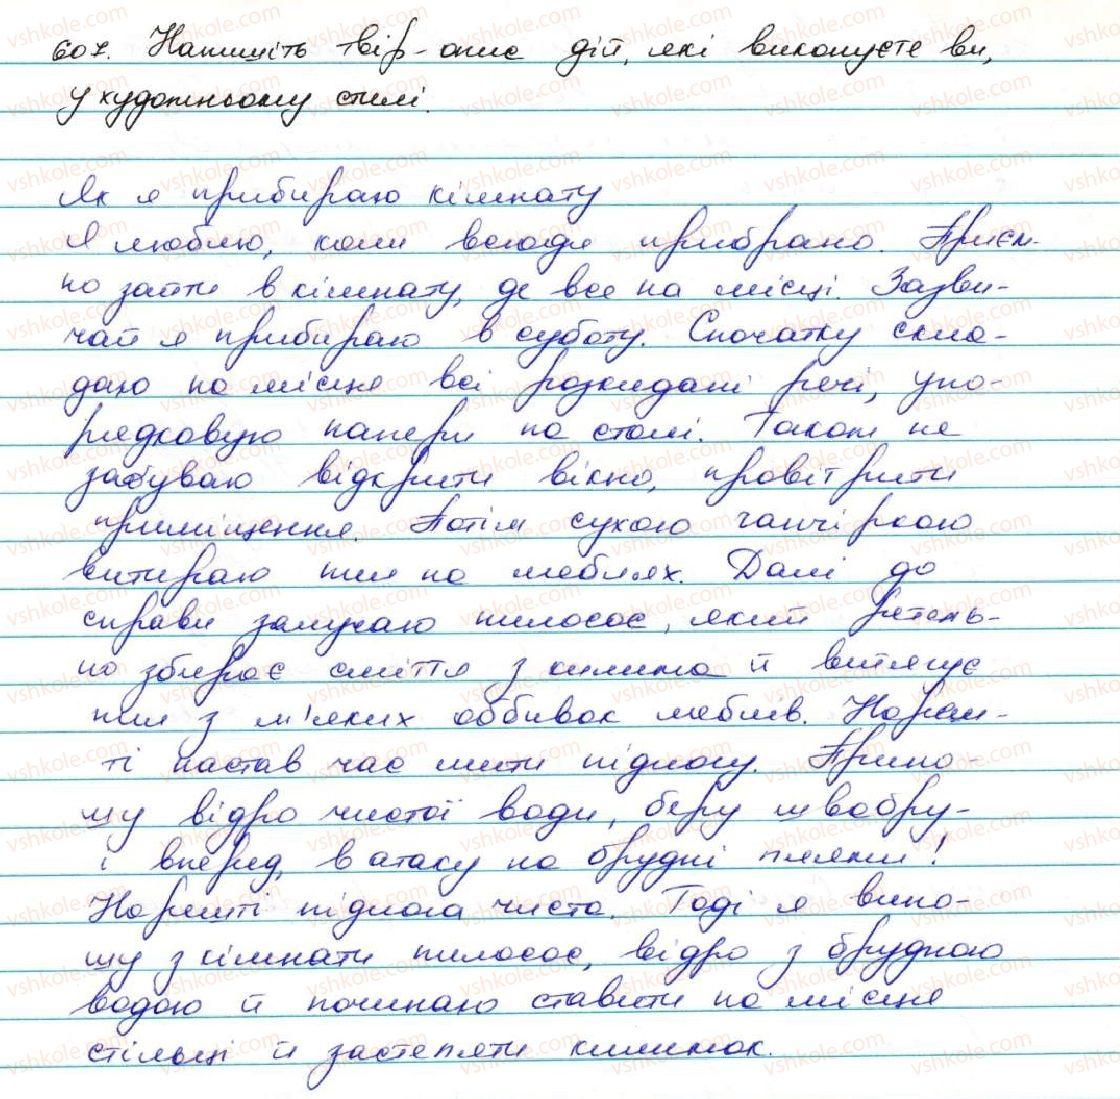 7-ukrayinska-mova-ov-zabolotnij-vv-zabolotnij-2015--uroki-rozvitku-zvyaznogo-movlennya-607.jpg